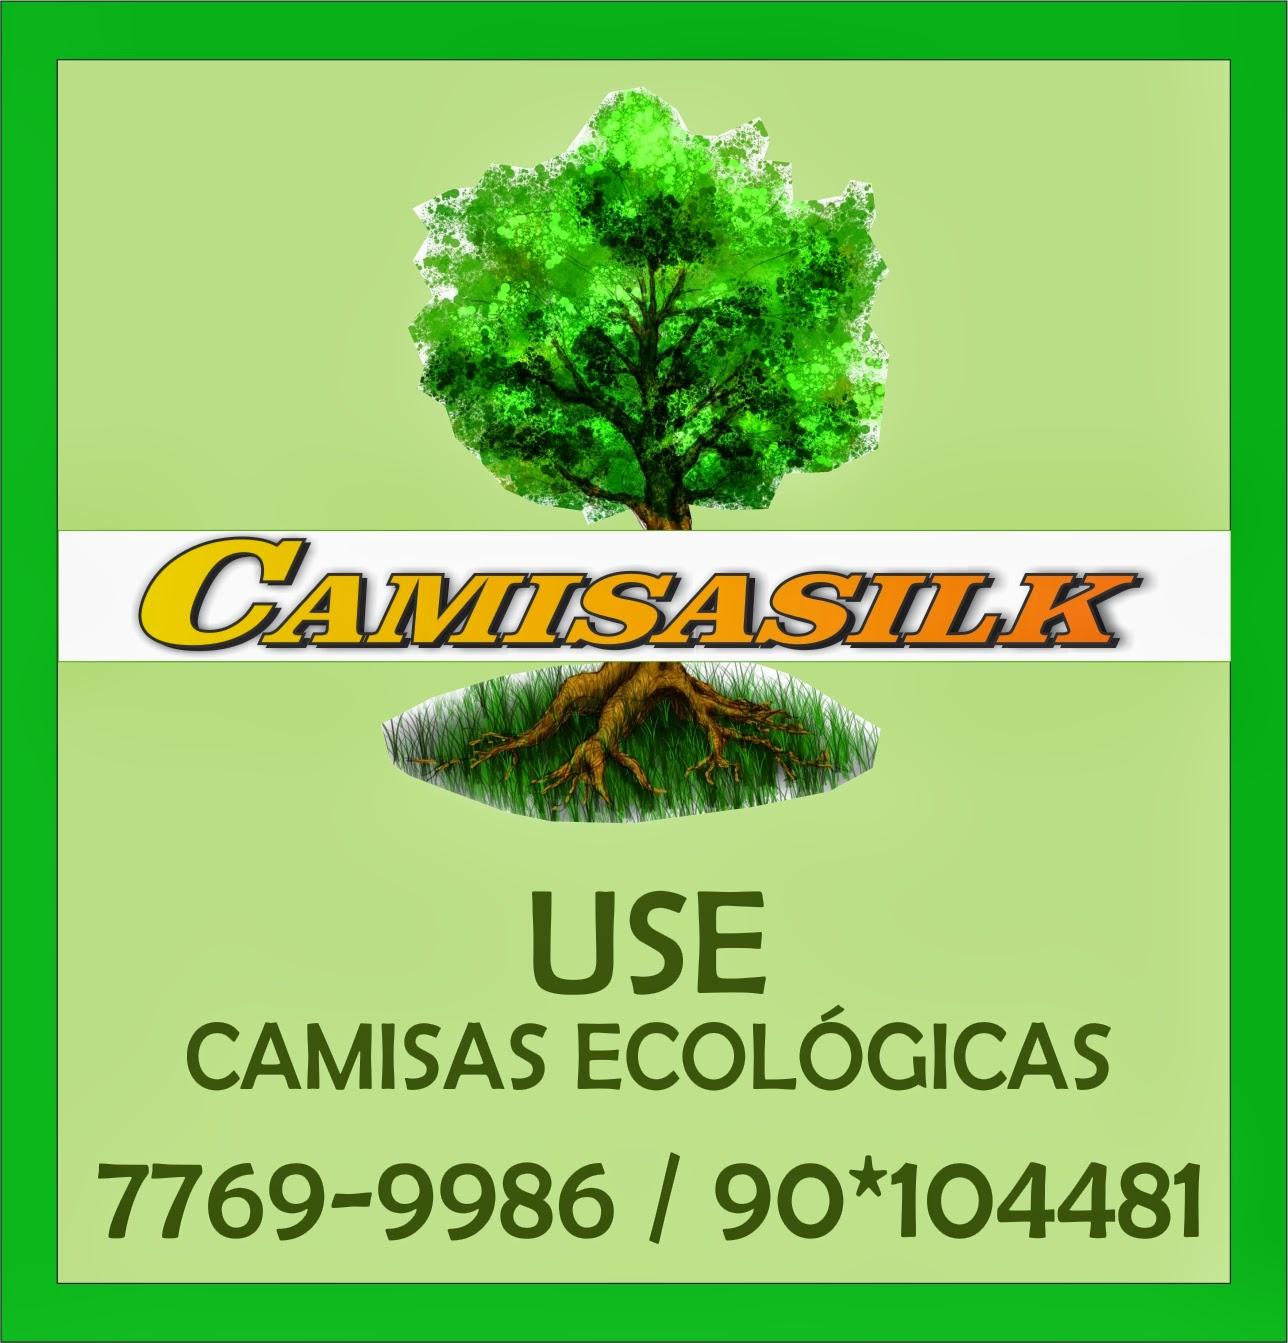 Camisas ecológicas